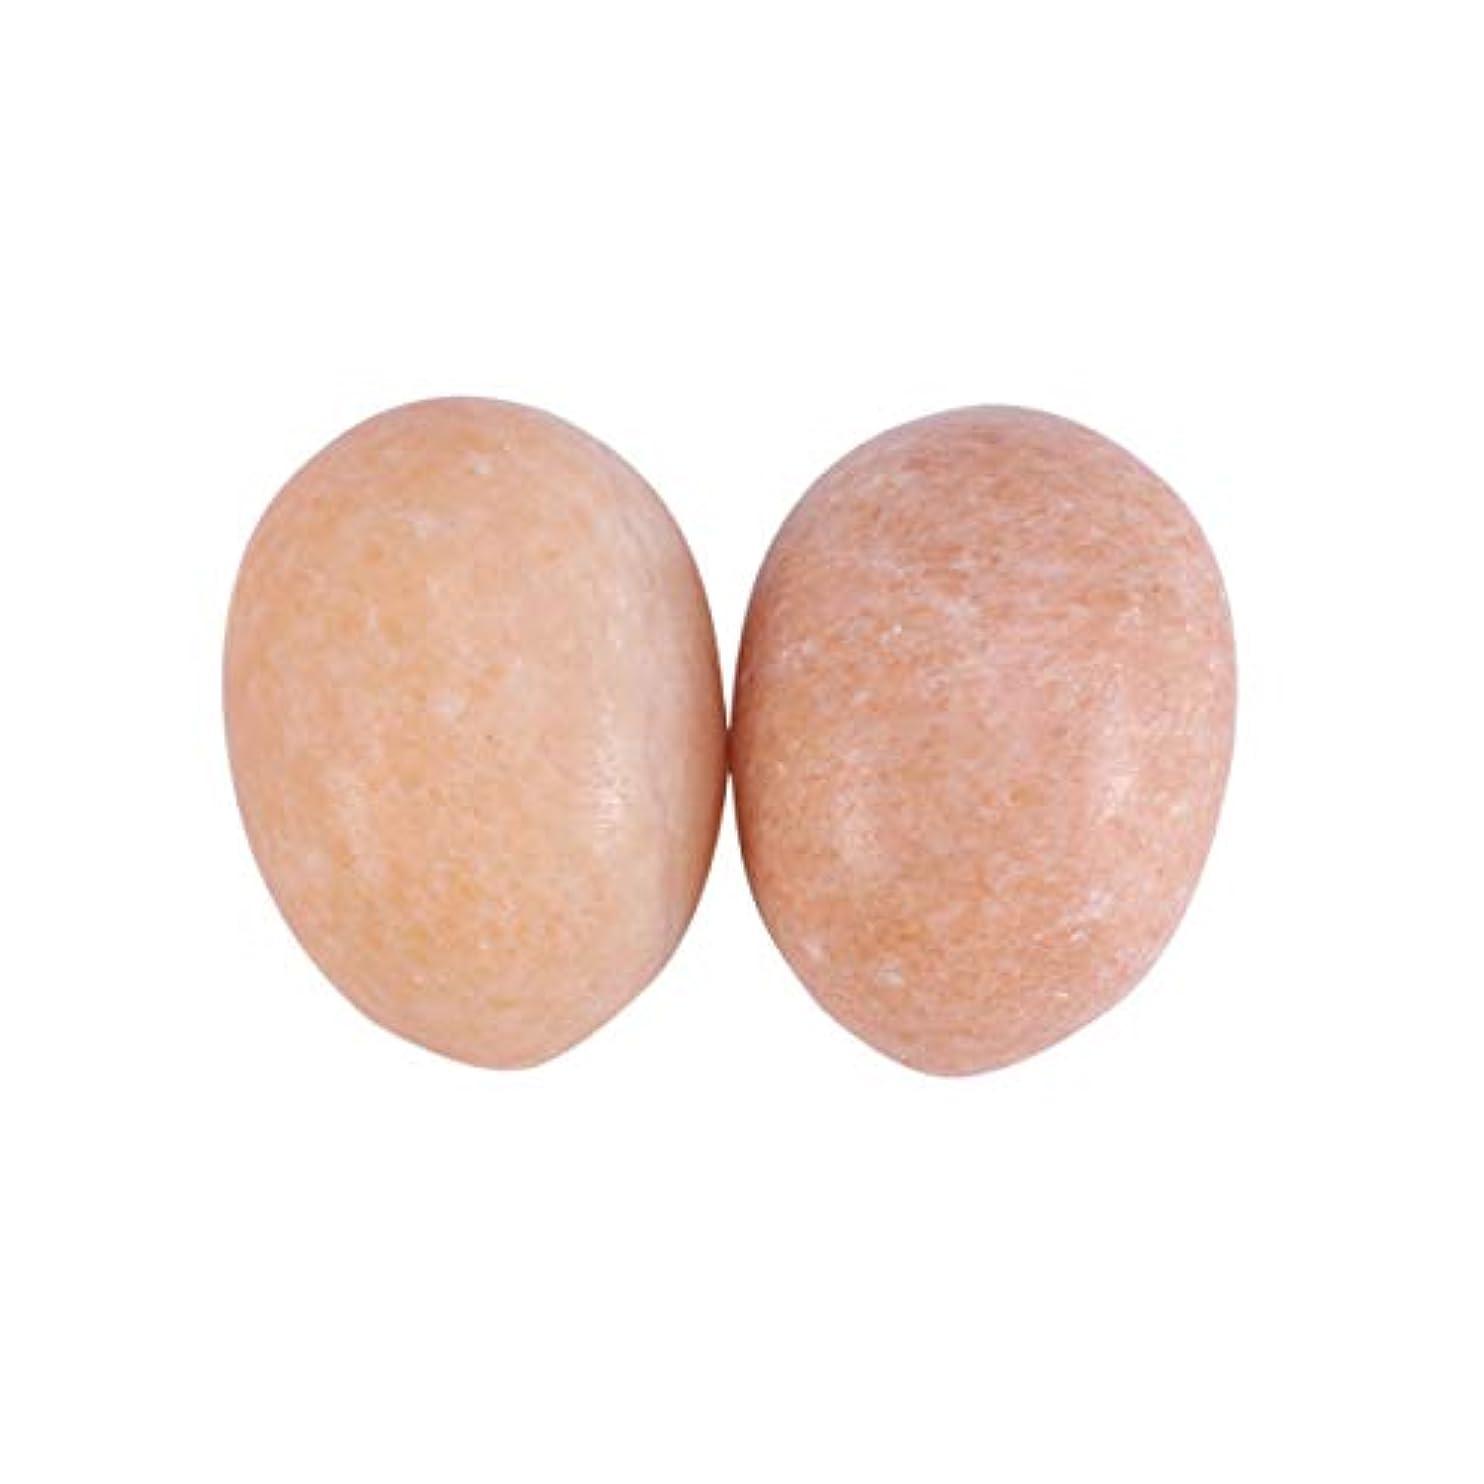 思慮深い教義拍手するHealifty 妊娠中の女性のためのマッサージボール6個玉ヨニ卵骨盤底筋マッサージ運動膣締め付けボールヘルスケア(サンセットレッド)